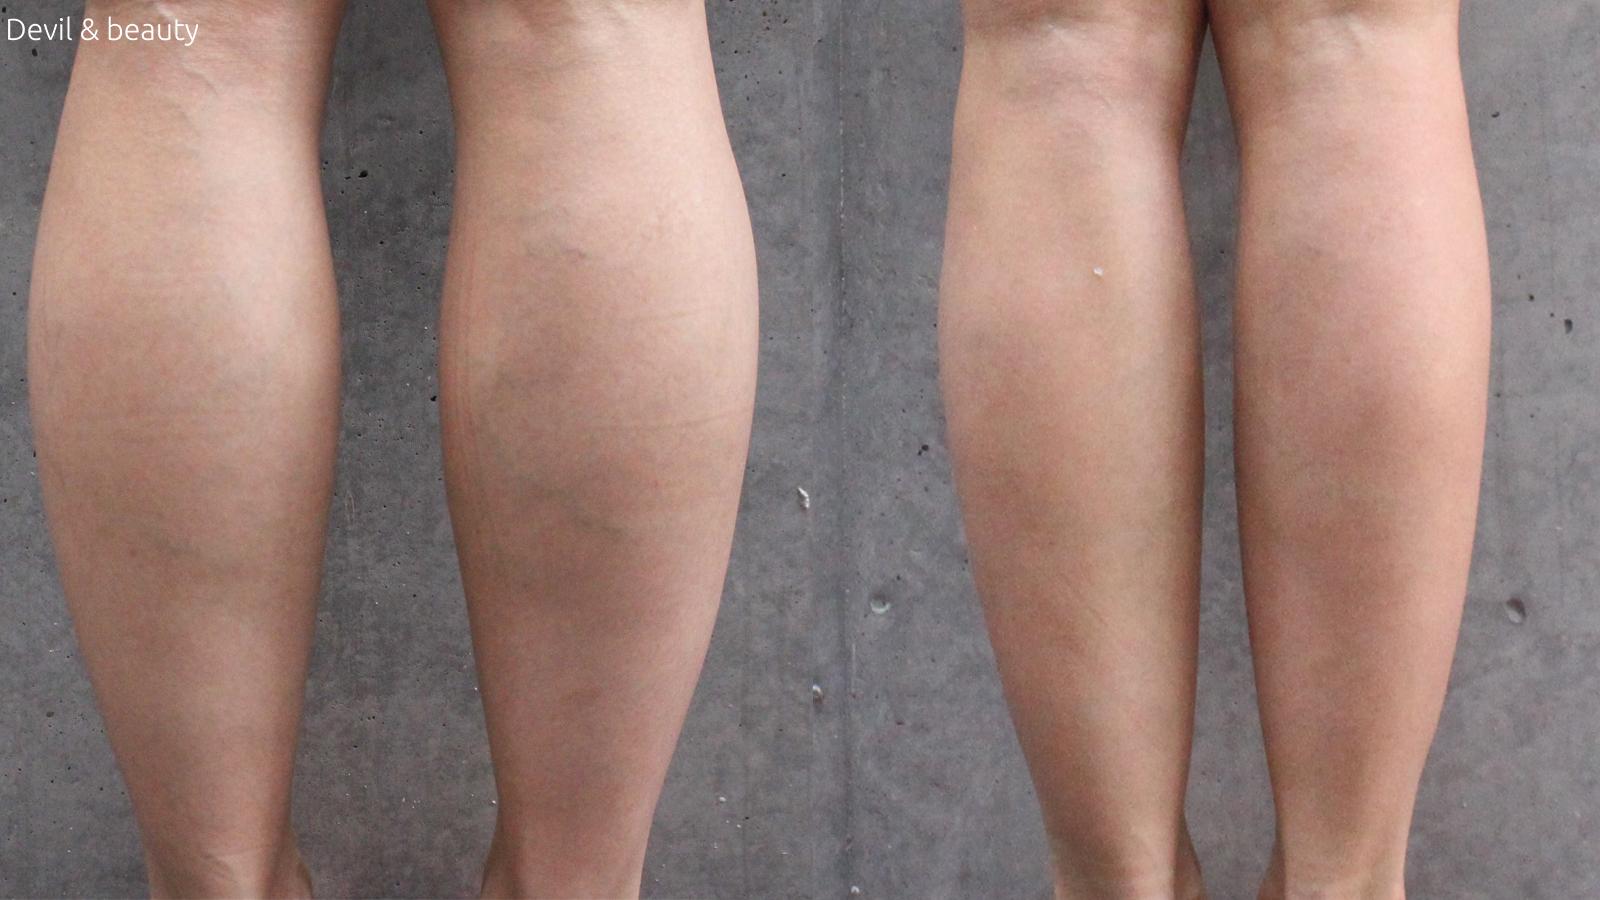 calves-botox-day-252 - image